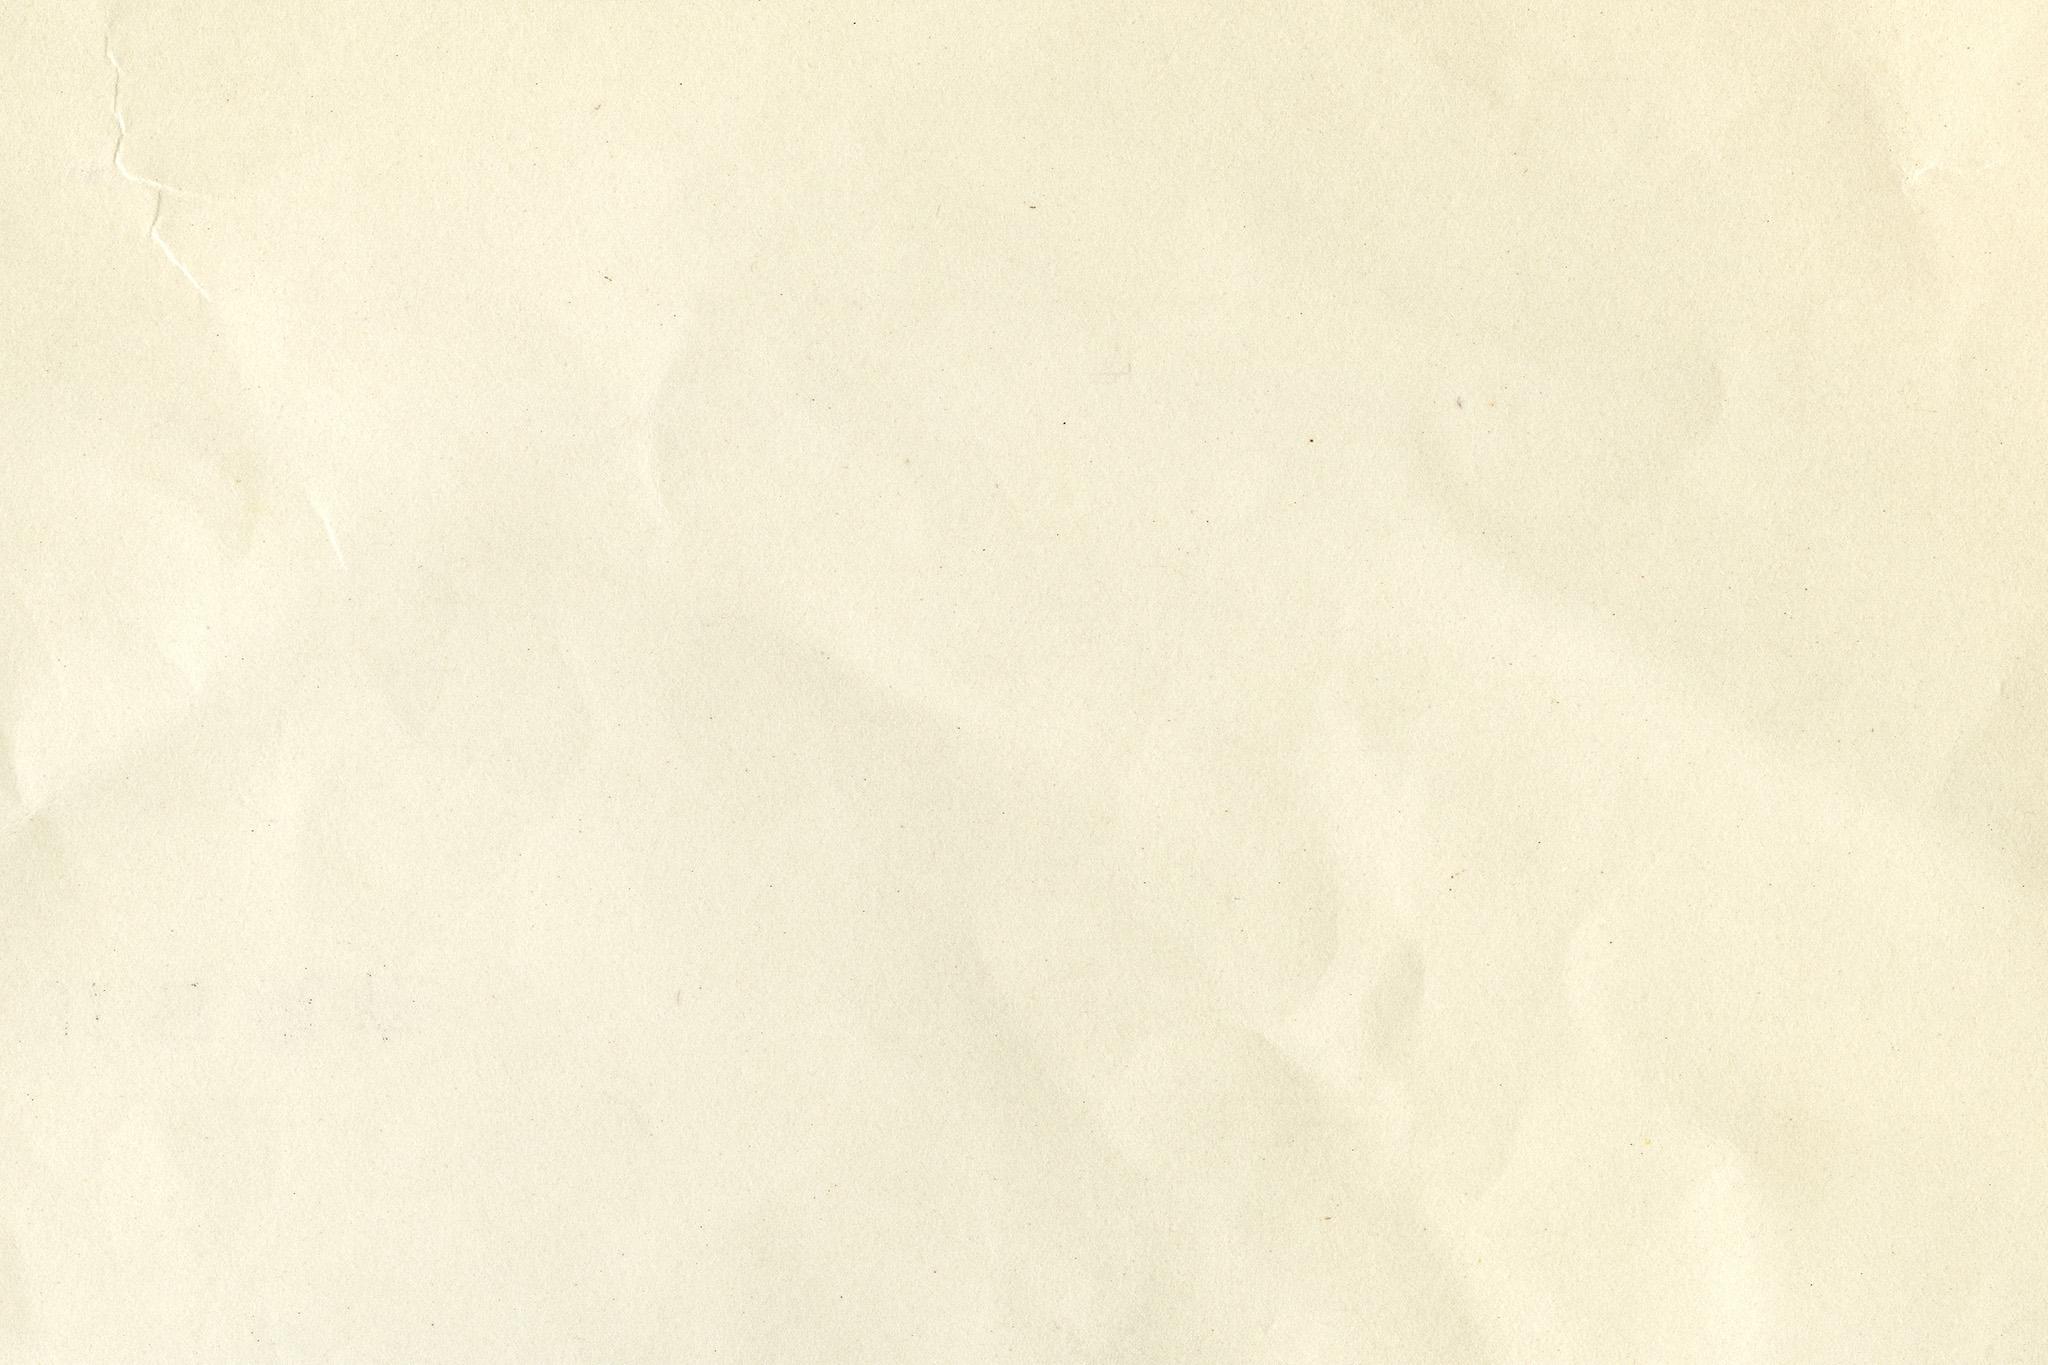 「汚れた紙」